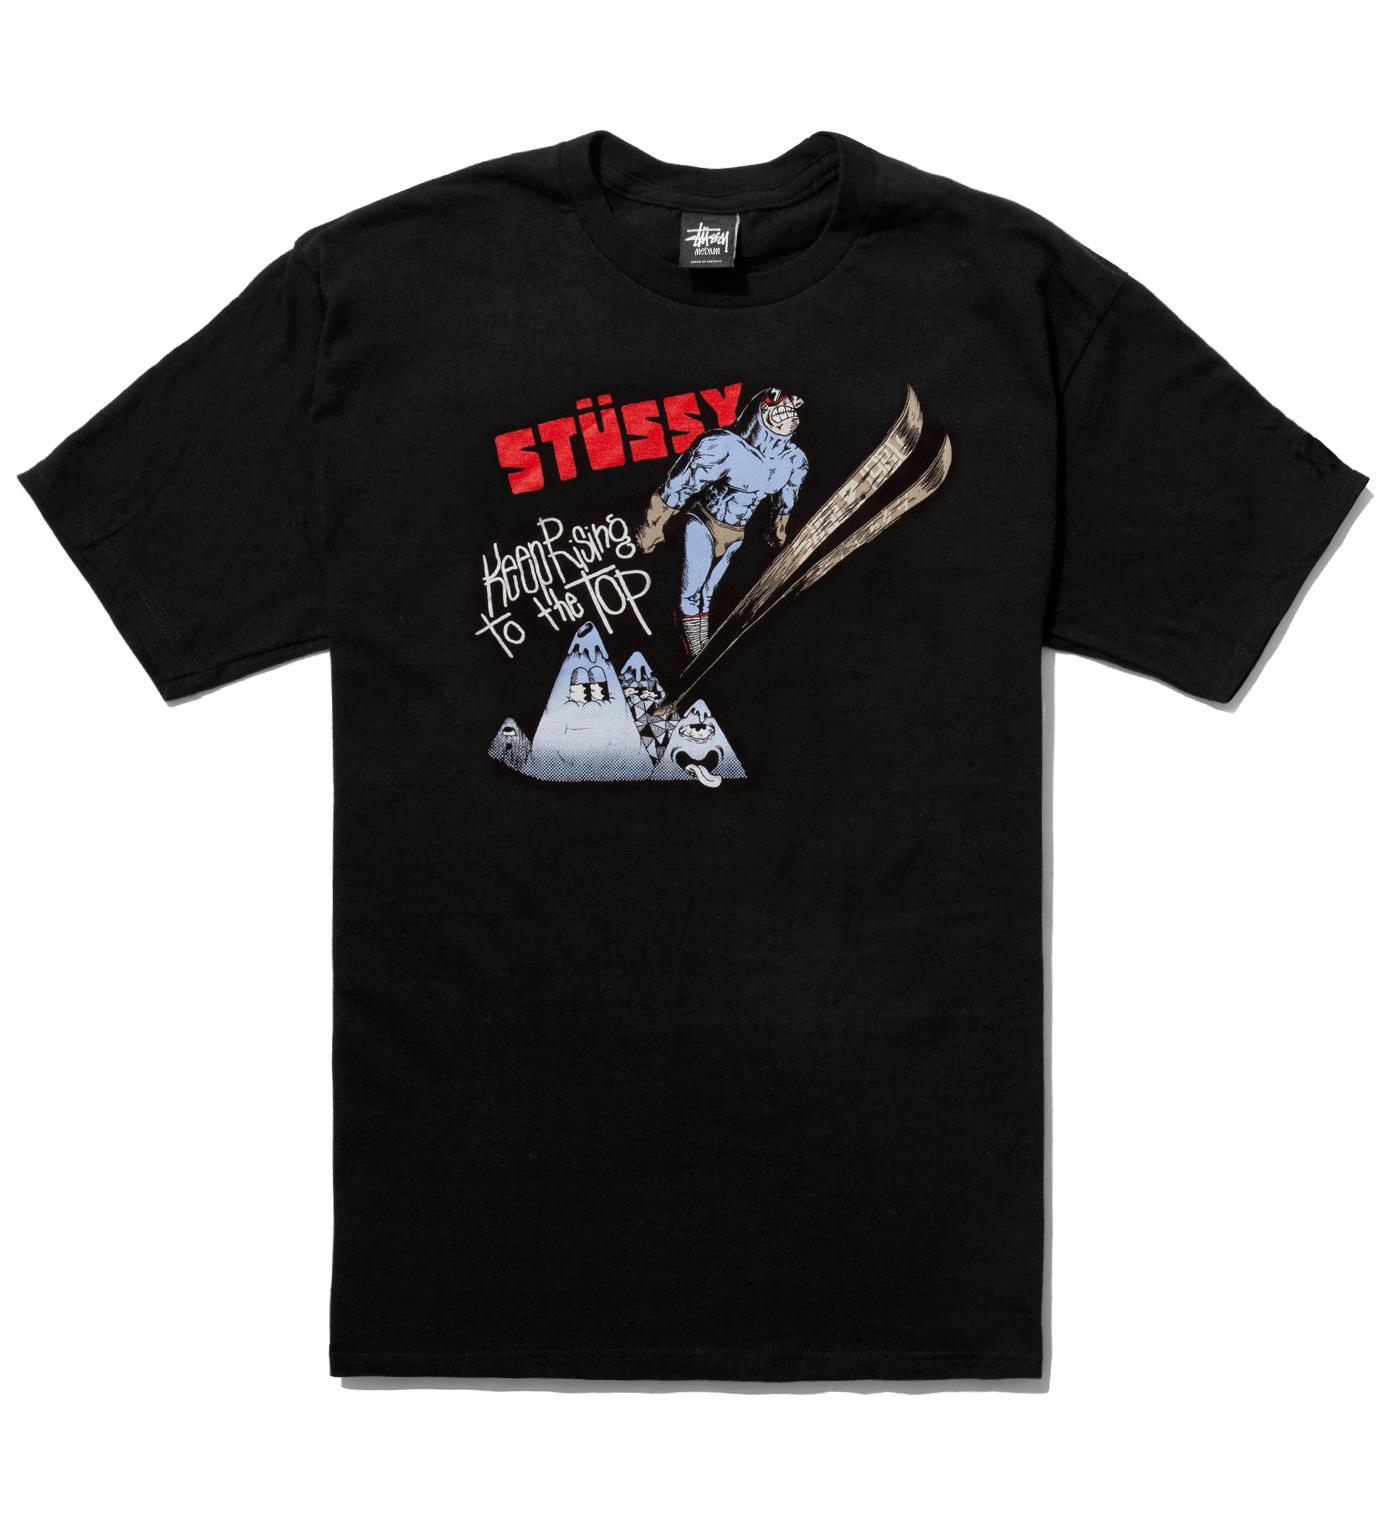 Stussy Pierre Bolide x Stussy Black Ski Jump T-Shirt